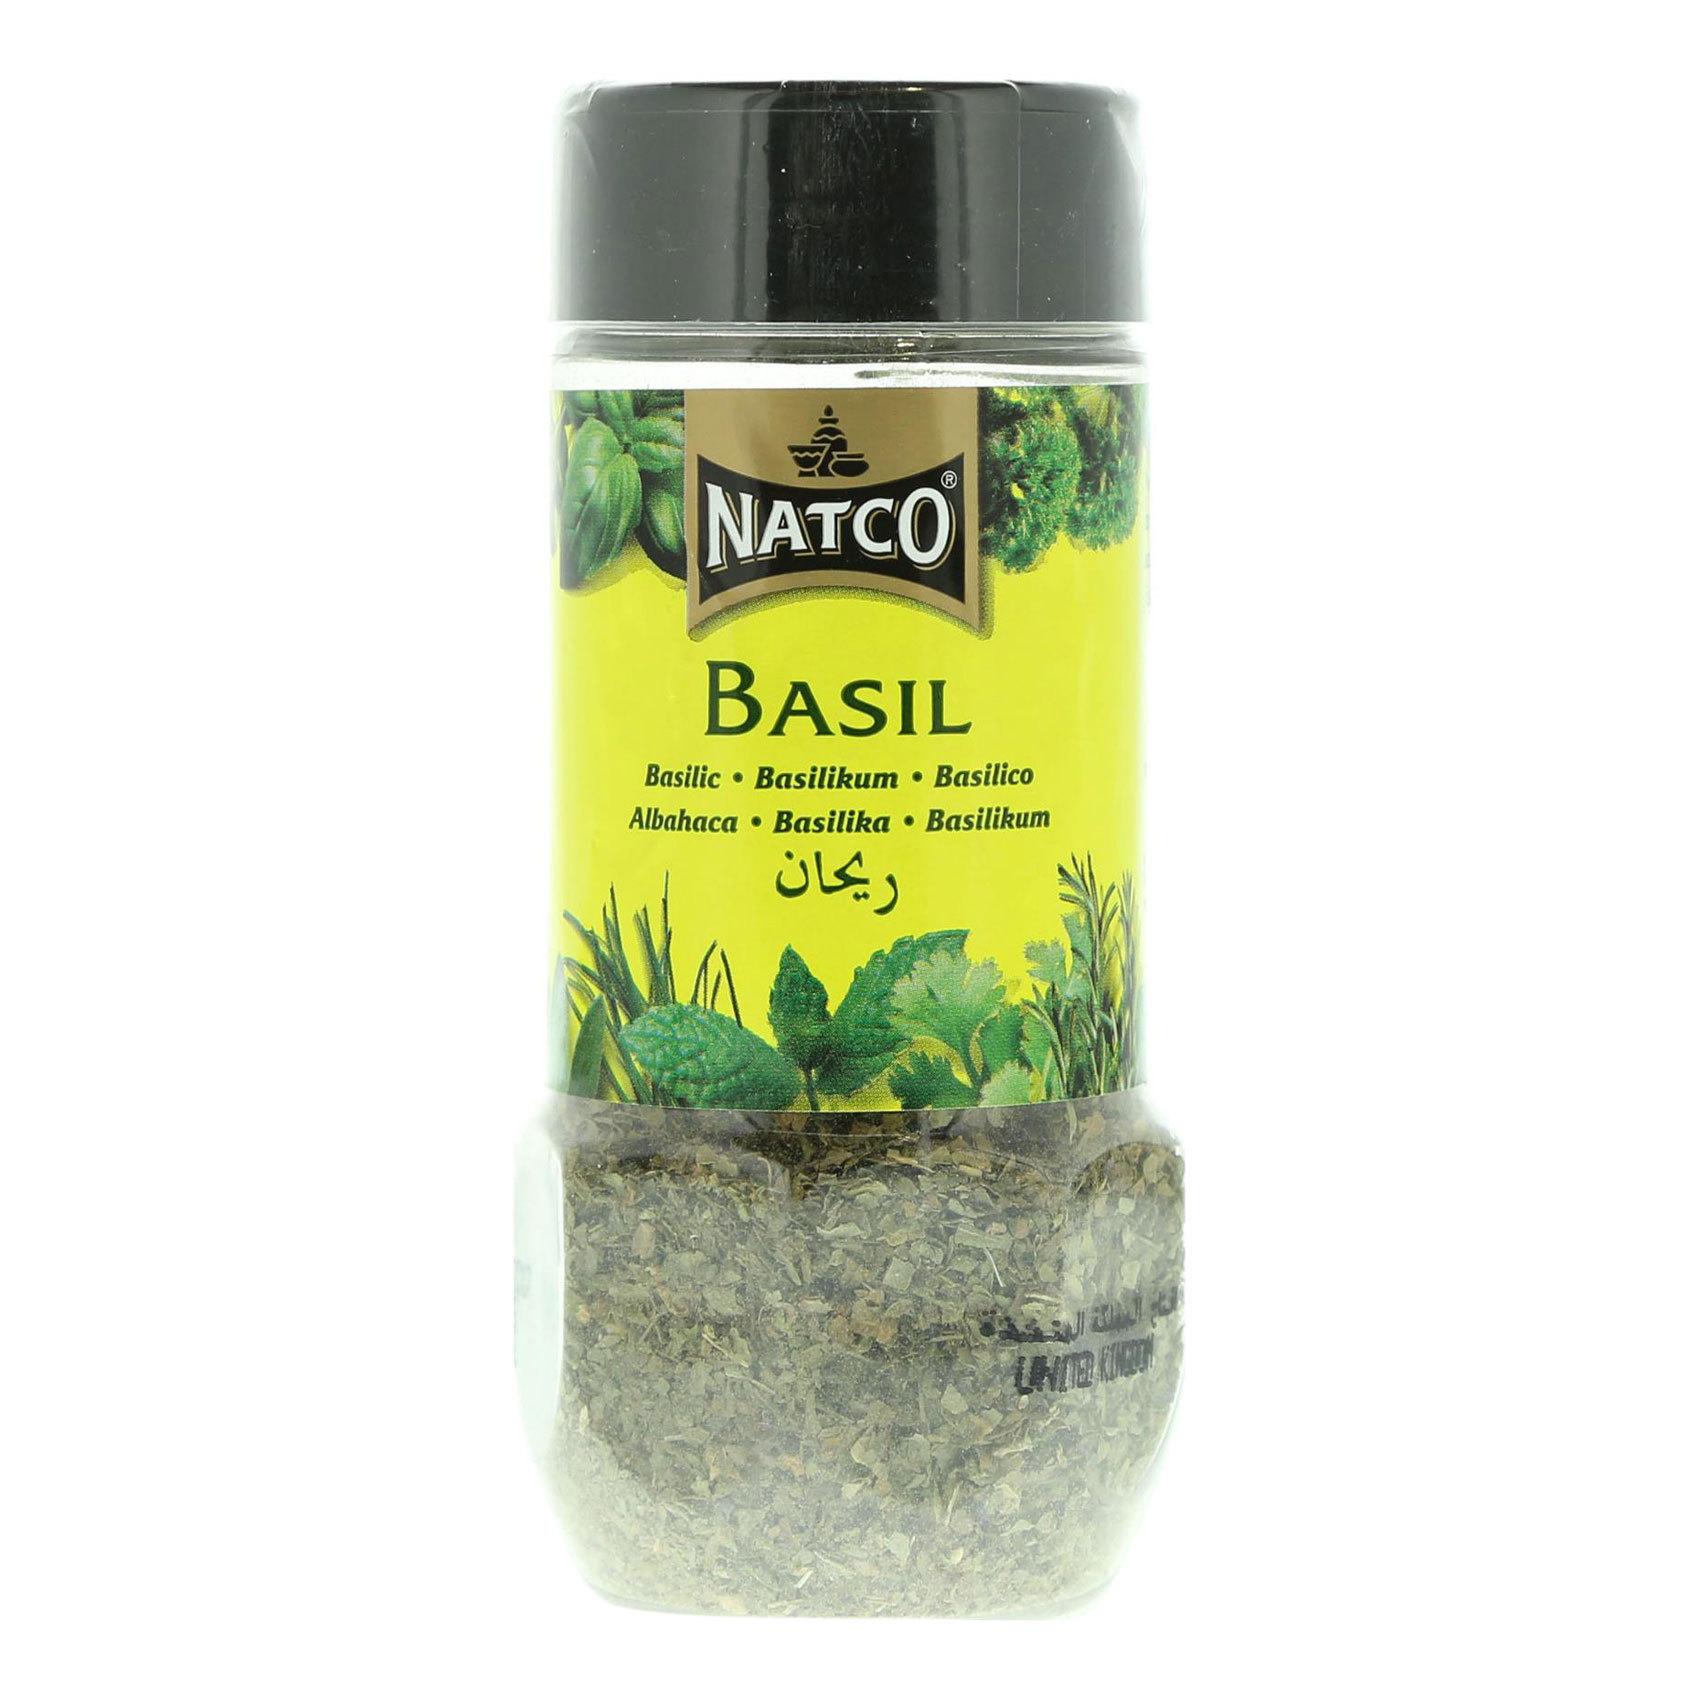 NATCO BASIL 25GR